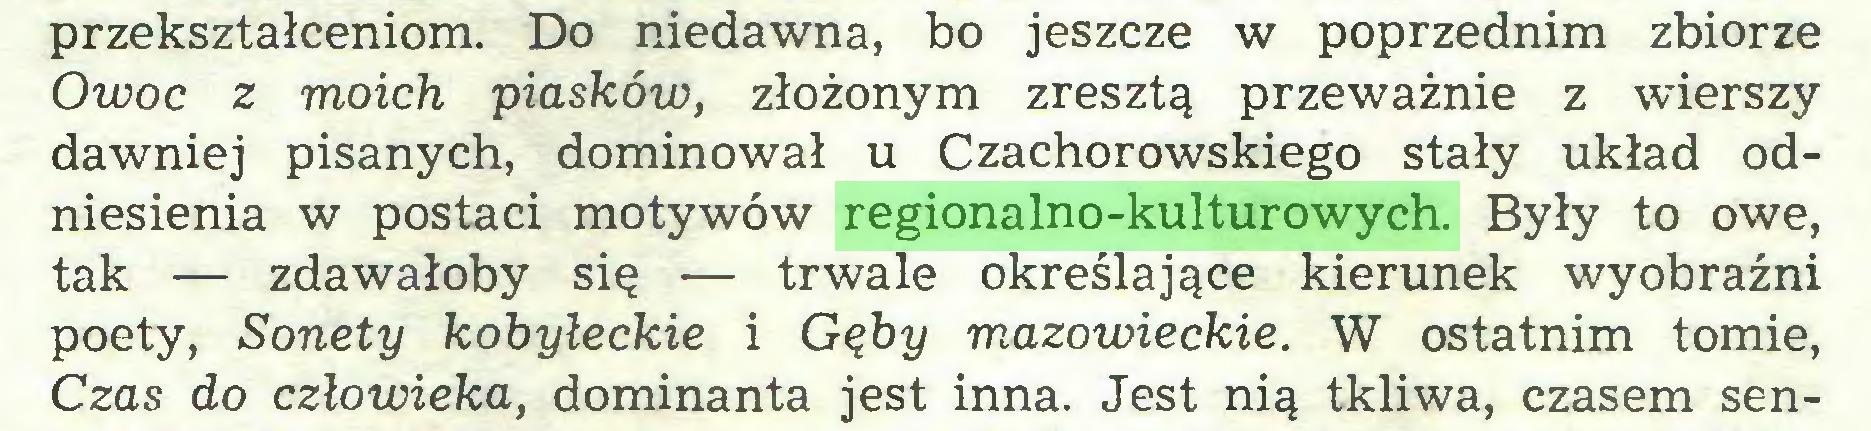 (...) przekształceniom. Do niedawna, bo jeszcze w poprzednim zbiorze Owoc z moich piasków, złożonym zresztą przeważnie z wierszy dawniej pisanych, dominował u Czachorowskiego stały układ odniesienia w postaci motywów regionalno-kulturowych. Były to owe, tak — zdawałoby się — trwale określające kierunek wyobraźni poety, Sonety kobyłeckie i Gęby mazowieckie. W ostatnim tomie, Czas do człowieka, dominanta jest inna. Jest nią tkliwa, czasem sen...